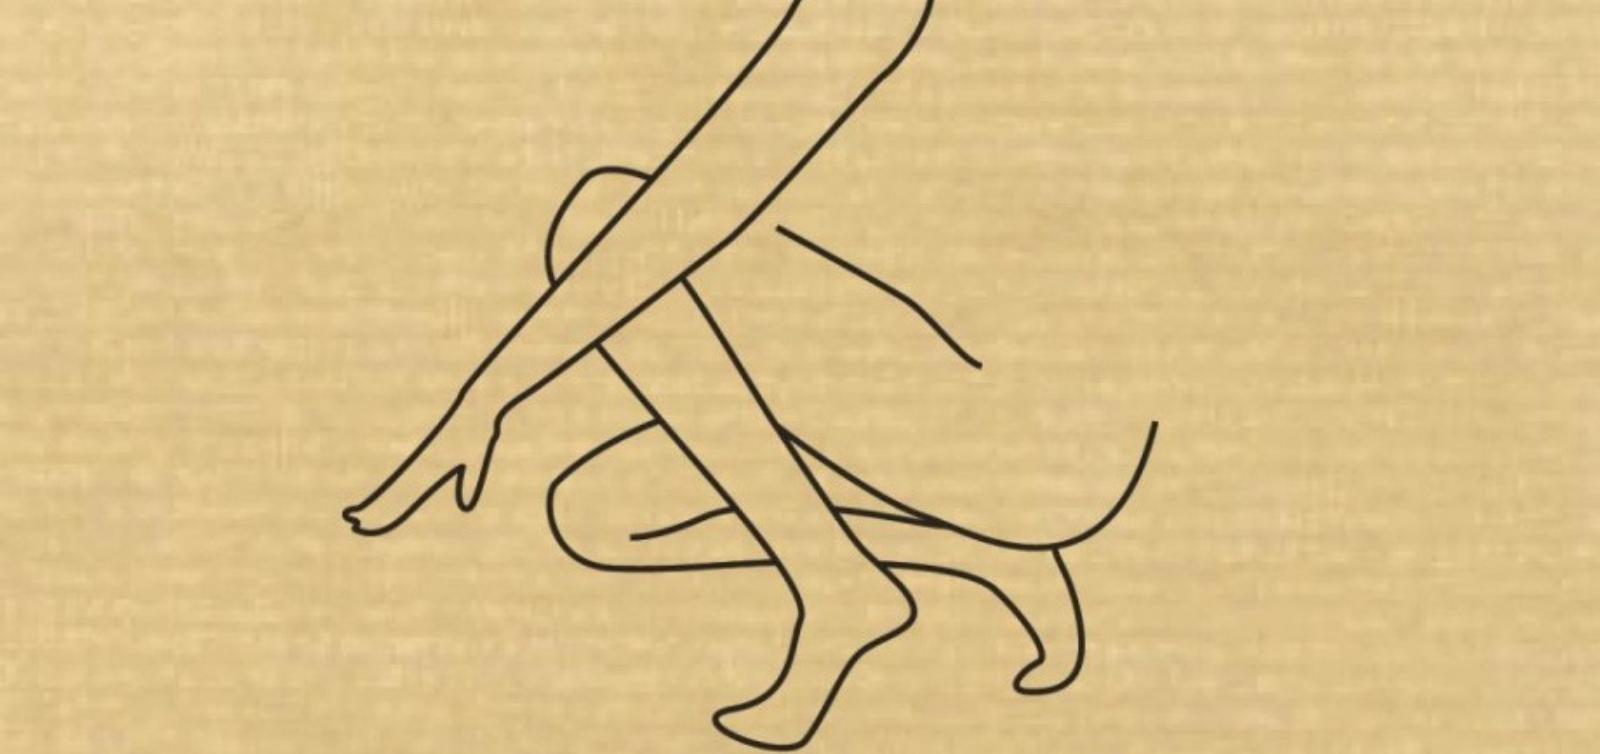 Corps est un recueil sous la direction de Chloé Savoie-Bernard qui, comme son titre l'indique, réunit des textes d'auteur-e-s québécois-e-s autour de la thématique du corps. Au sommaire : « Carapaces » de Catherine Mavrikakis ; « Bestiole » de Katia Belkhodja ; « Trois amants qui m'ont fait » de Laurence Bourdon ; « Des enfants d'ailleurs » de Philémon Cimon ; « La Vénus du Nouveau-Rosemont » de Carole David ; « Papier de riz » d'Alice Michaud-Lapointe ; « A/S/V » de Marilou Craft ; « Douleurs rebelles » de Martine Delvaux ; « L'effort de guerre » de Maxime Raymond Bock ; « Extraction en cours » d'Emmanuelle Riendeau ; « Se fondre » de Chloé Savoie-Bernard ; « Édouard a 16 ans » de Kevin Lambert ; « Blancs de marbre » d'Anne-Renée Caillé ; « Mille » de Maude Veilleux. Avis lecture sur lilitherature.com.